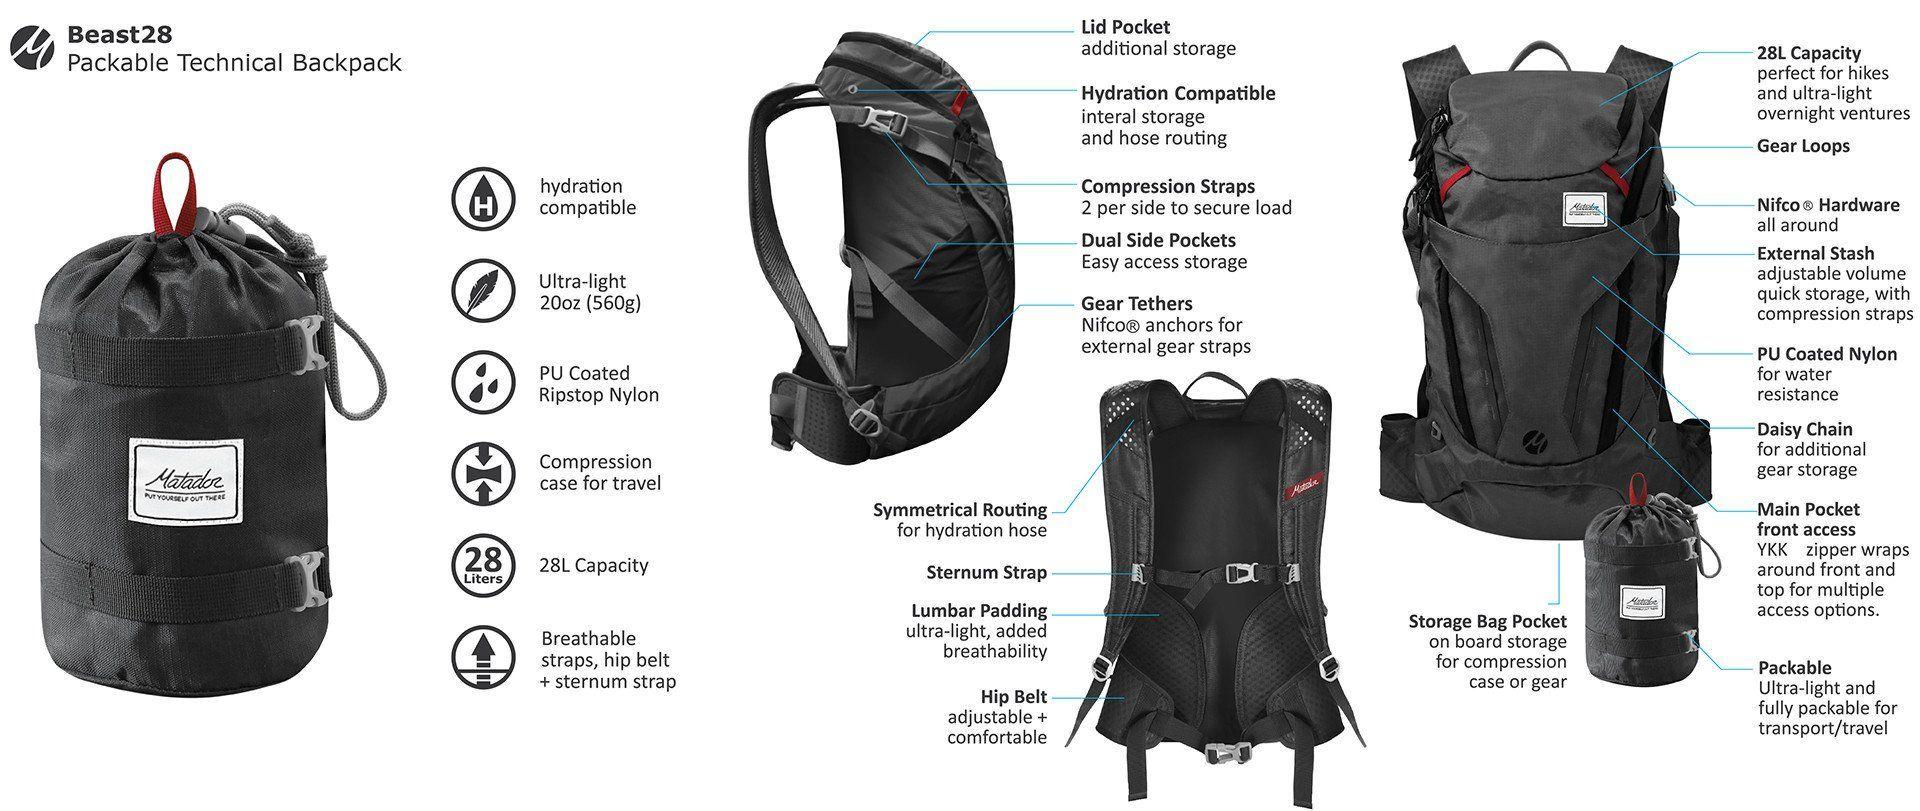 Matador Beast 28 backpack - outpost-shop.com